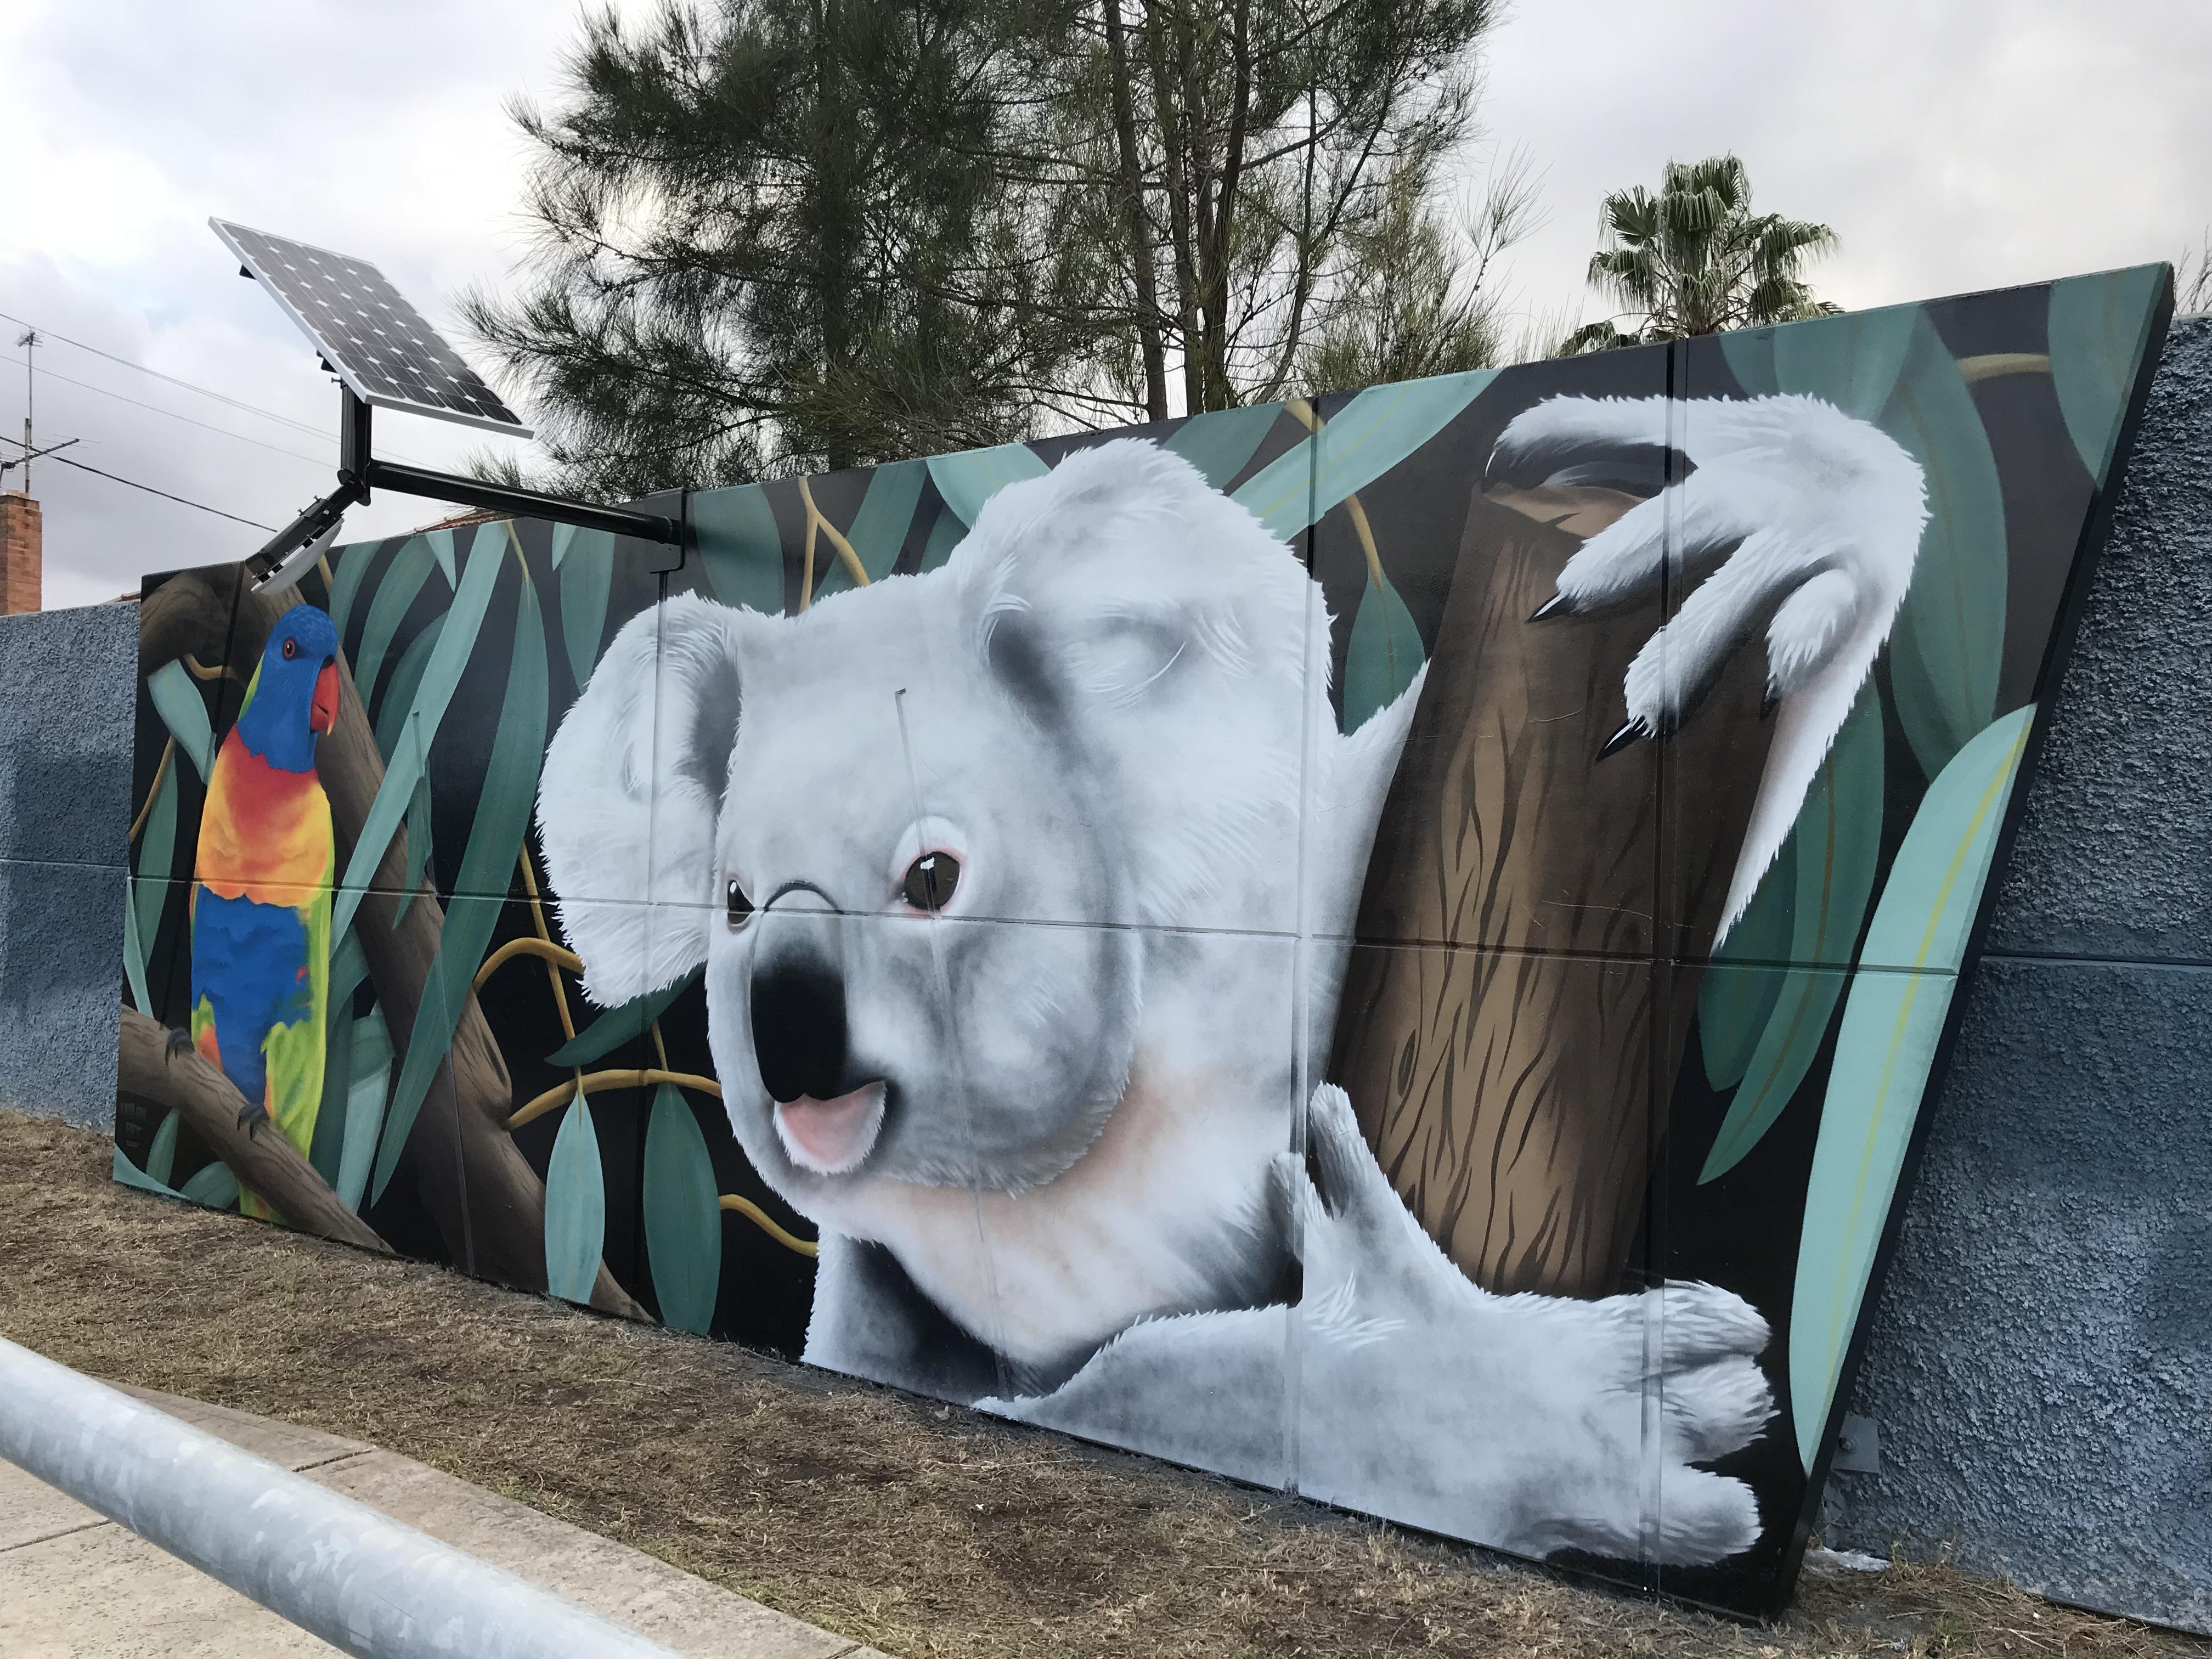 Australian Koala street art mural